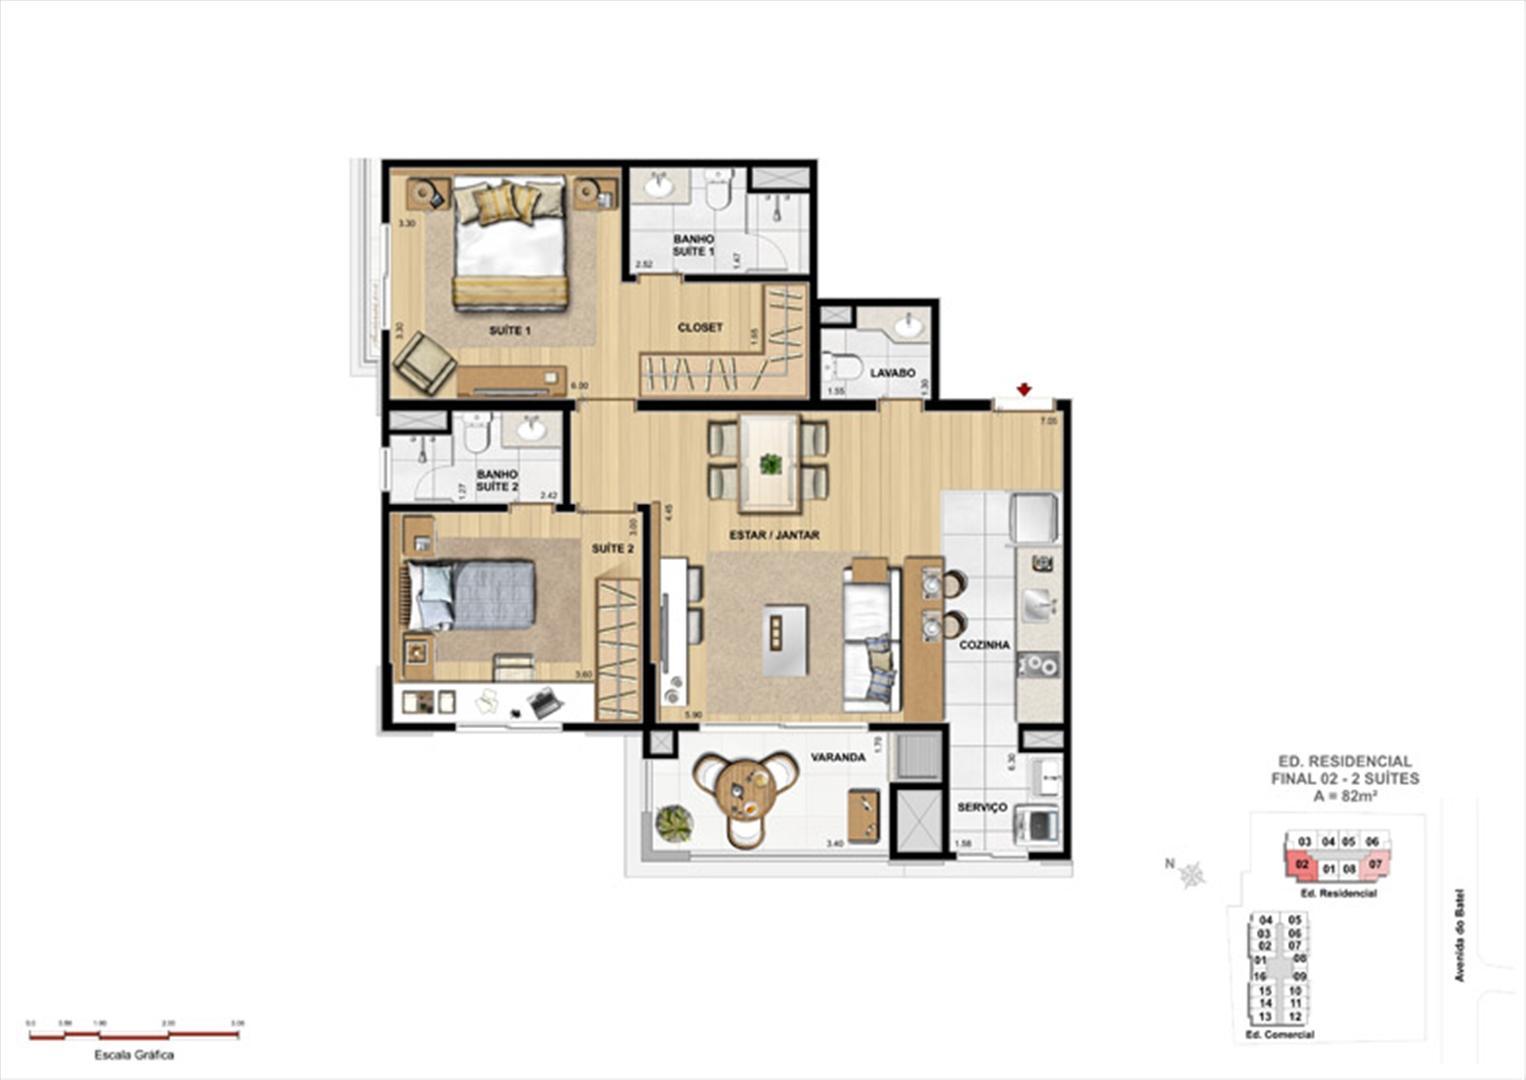 Apartamento 2 Suítes e 2 Suítes Garden | 1550 Batel (Home Batel) – Apartamento no  Batel - Curitiba - Paraná